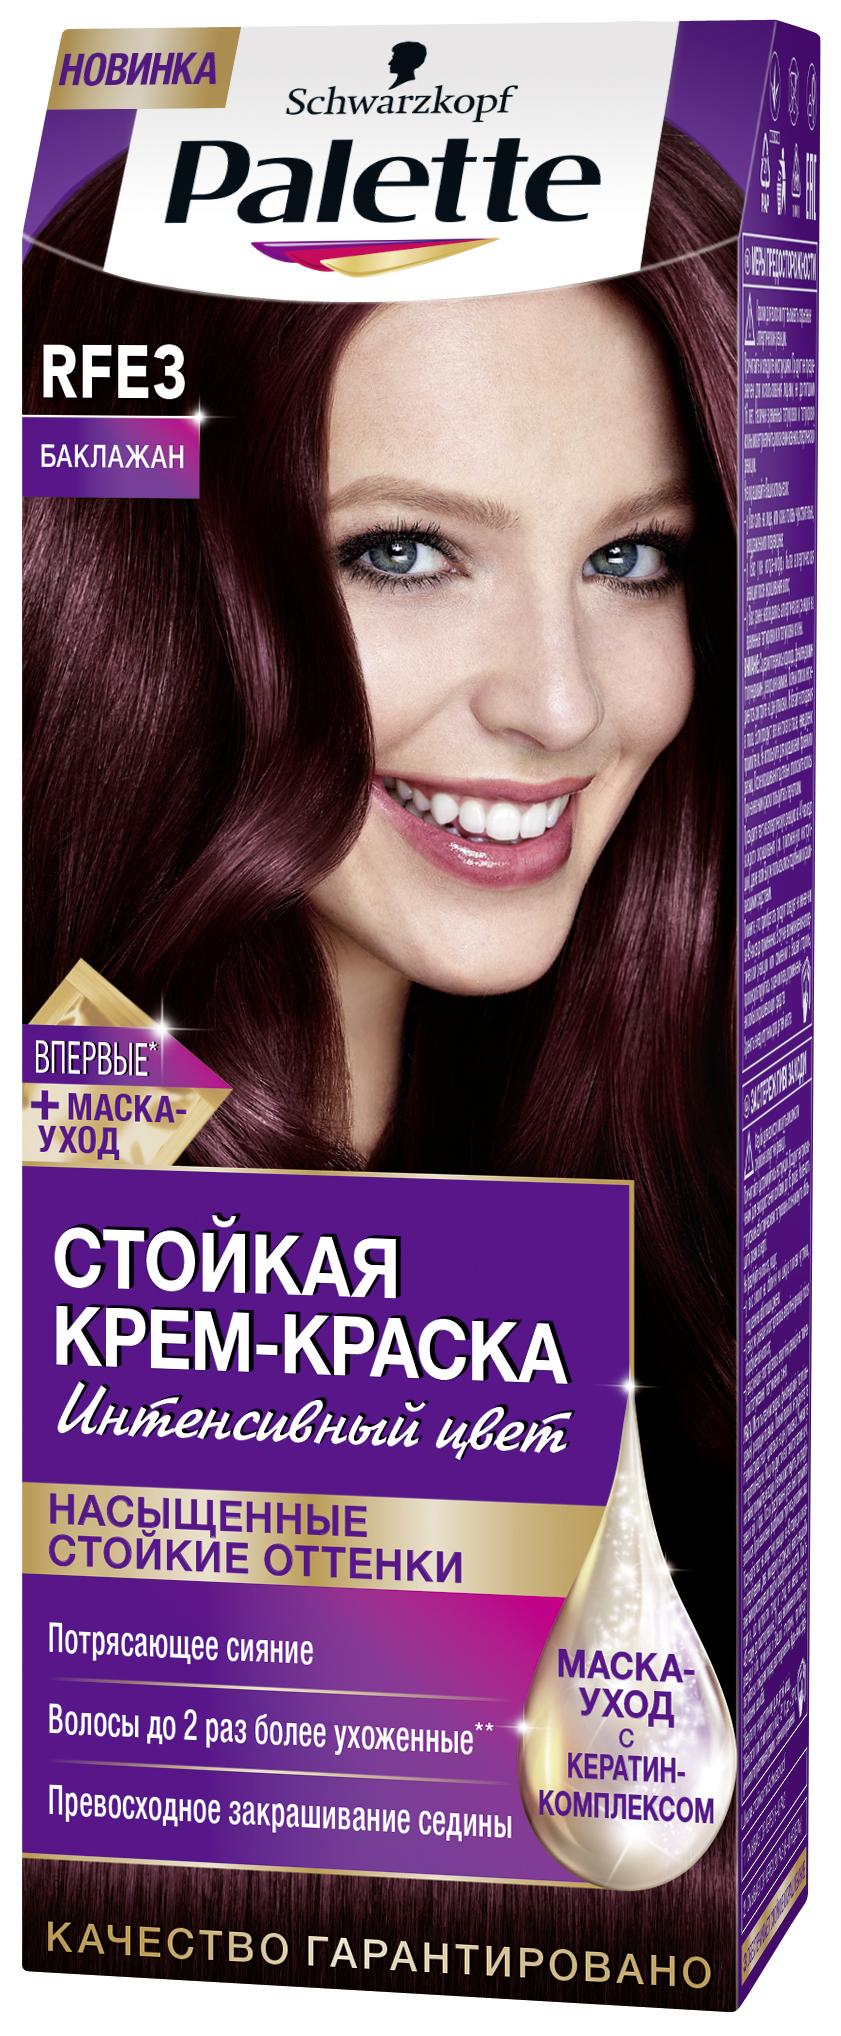 Palette Стойкая крем-краска RFE3 Баклажан 110 мл0935223011Знаменитая краска для волос Palette при использовании тщательно окрашивает волосы, стойко сохраняет цвет, имеет множество разнообразных оттенков на любой, самый взыскательный, вкус.